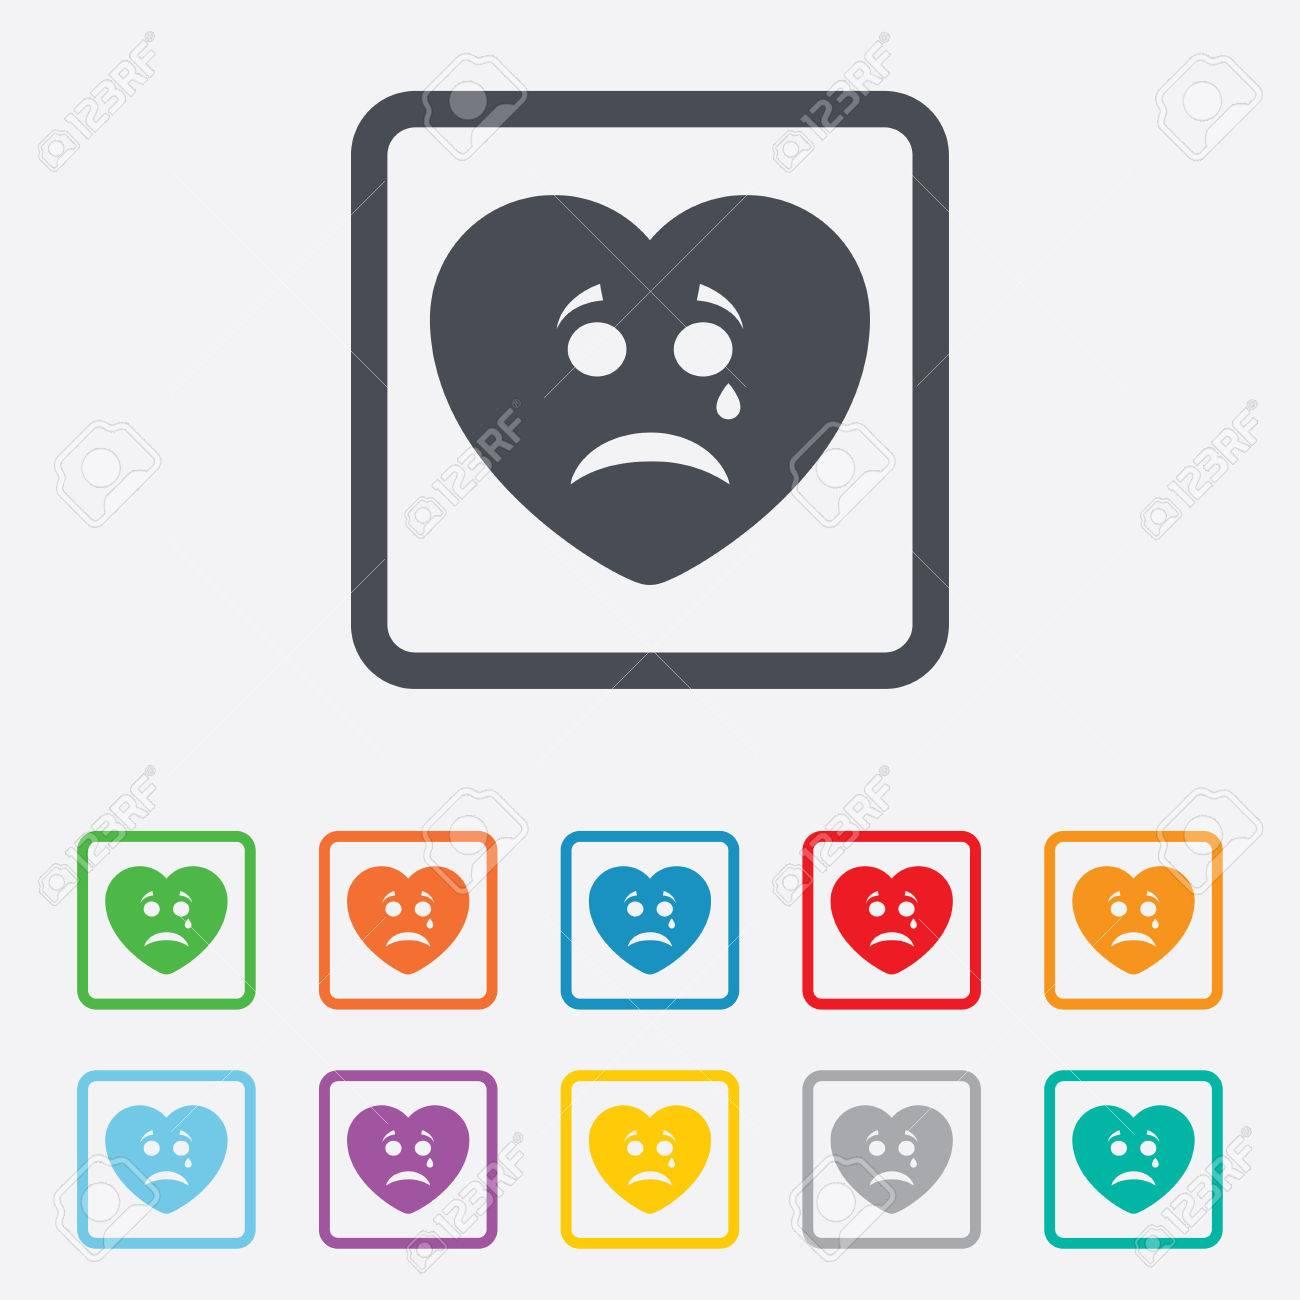 Cara del corazón triste con signo icono desgarro. Llorando sÃmbolo de chat.  Cuadrados botones